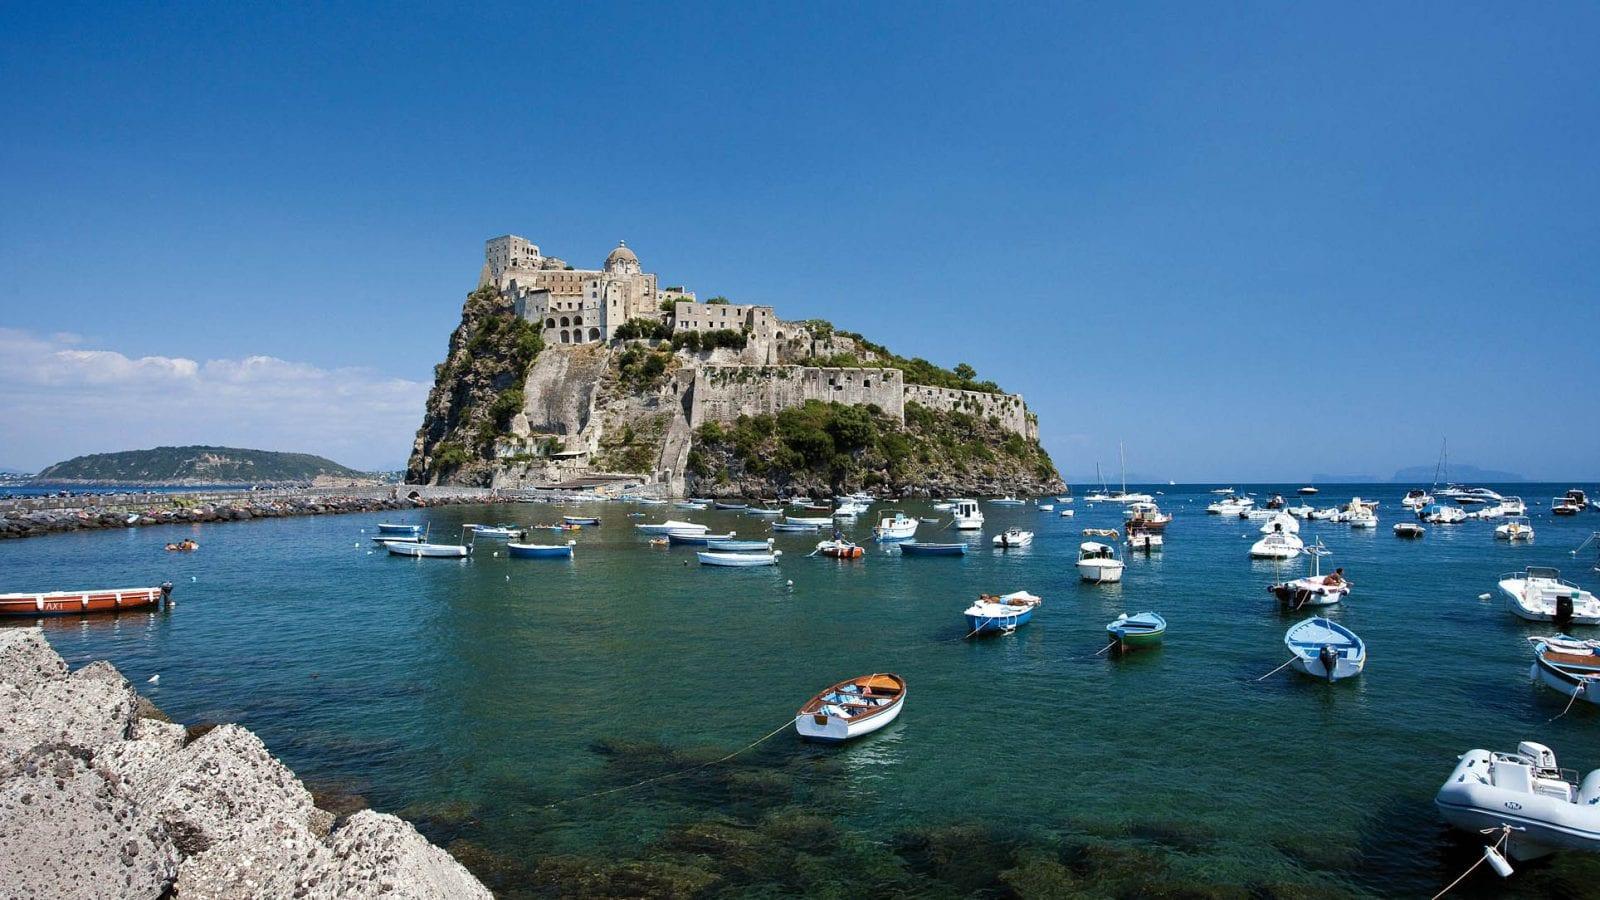 Искья: Зеленый остров Неаполитанского залива